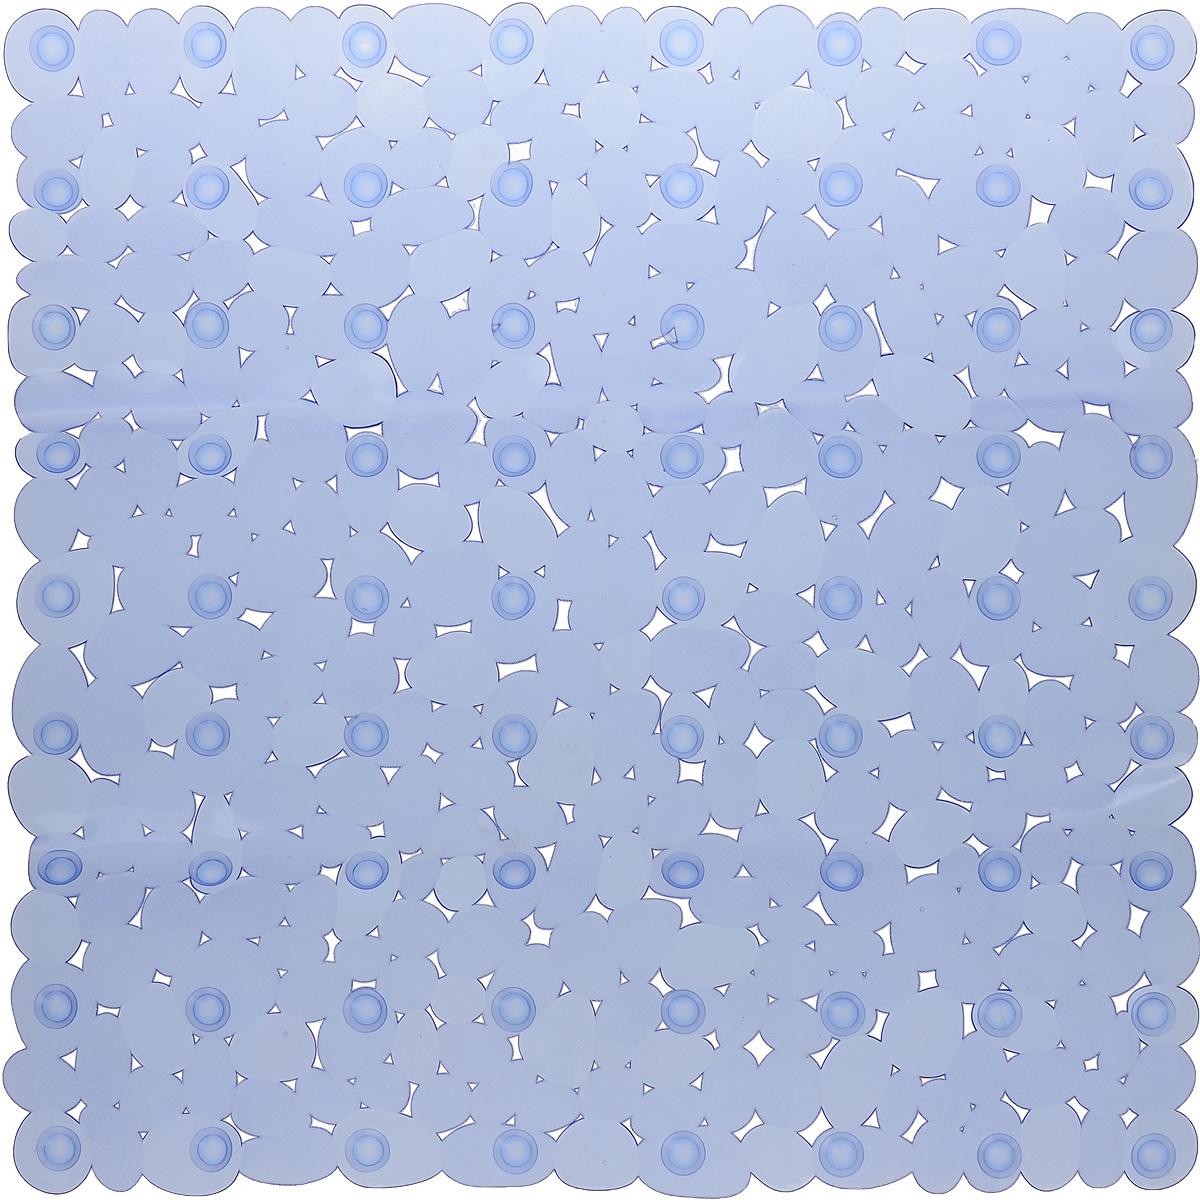 """Квадратный коврик для ванной Axentia """"Галька"""" изготовлен из ПВХ. Это прочный противоскользящий материал, который отлично подойдет для помещений с повышенной влажностью. Коврик противоскользящий, поэтому его удобно использовать в душевой кабине или ванне. Крепится к поверхности при помощи на присосок. Легко моется и не оставляет следов."""